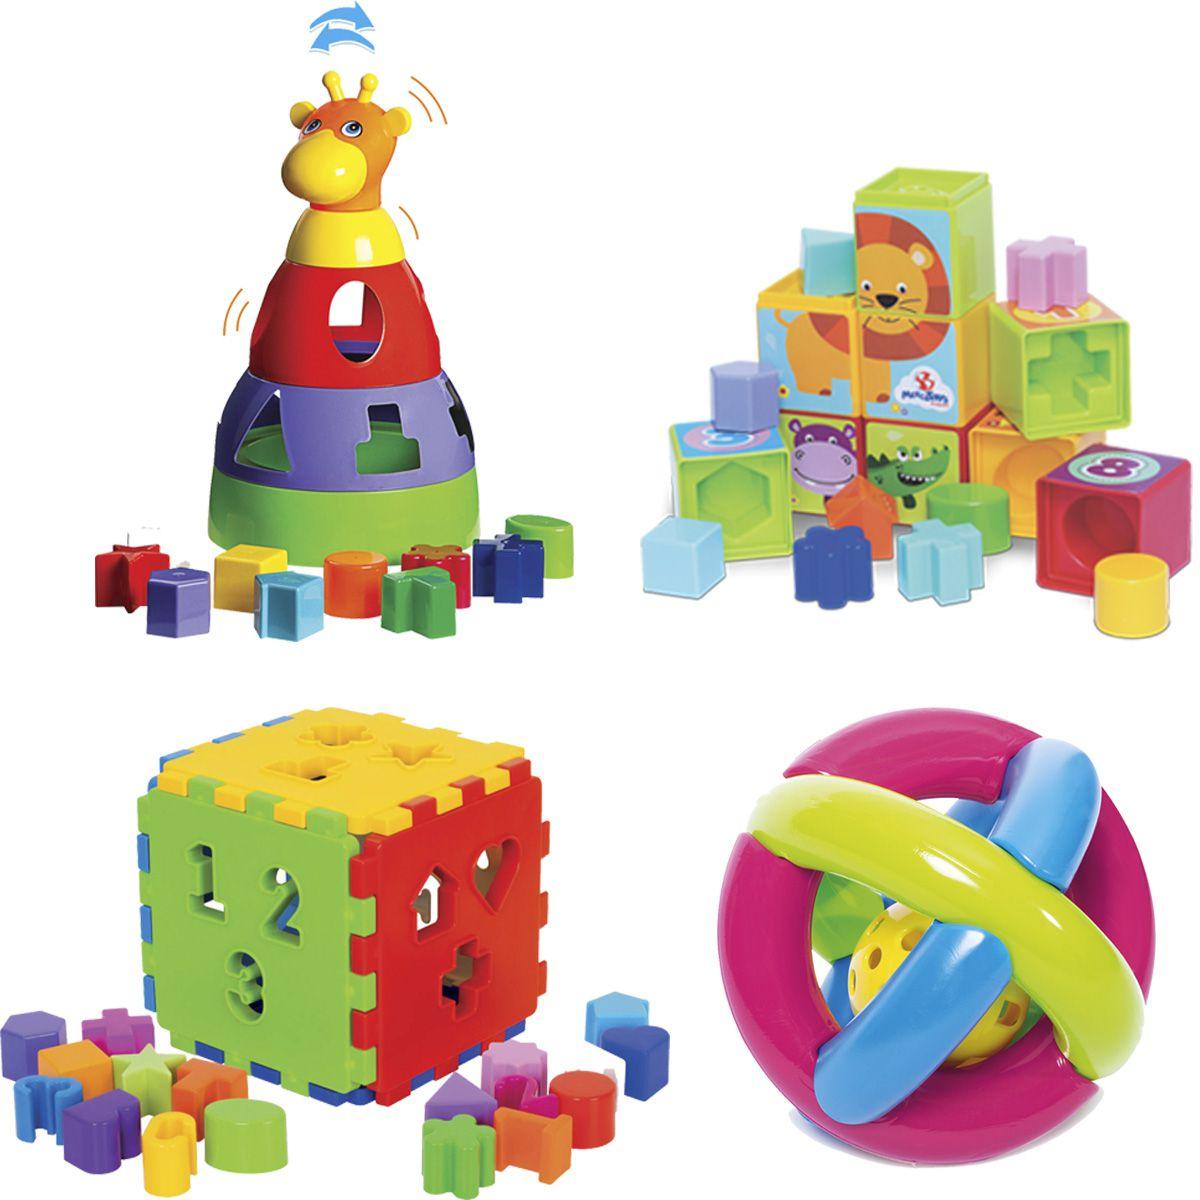 Kit de Atividades para Bebê - Acima de 6 meses